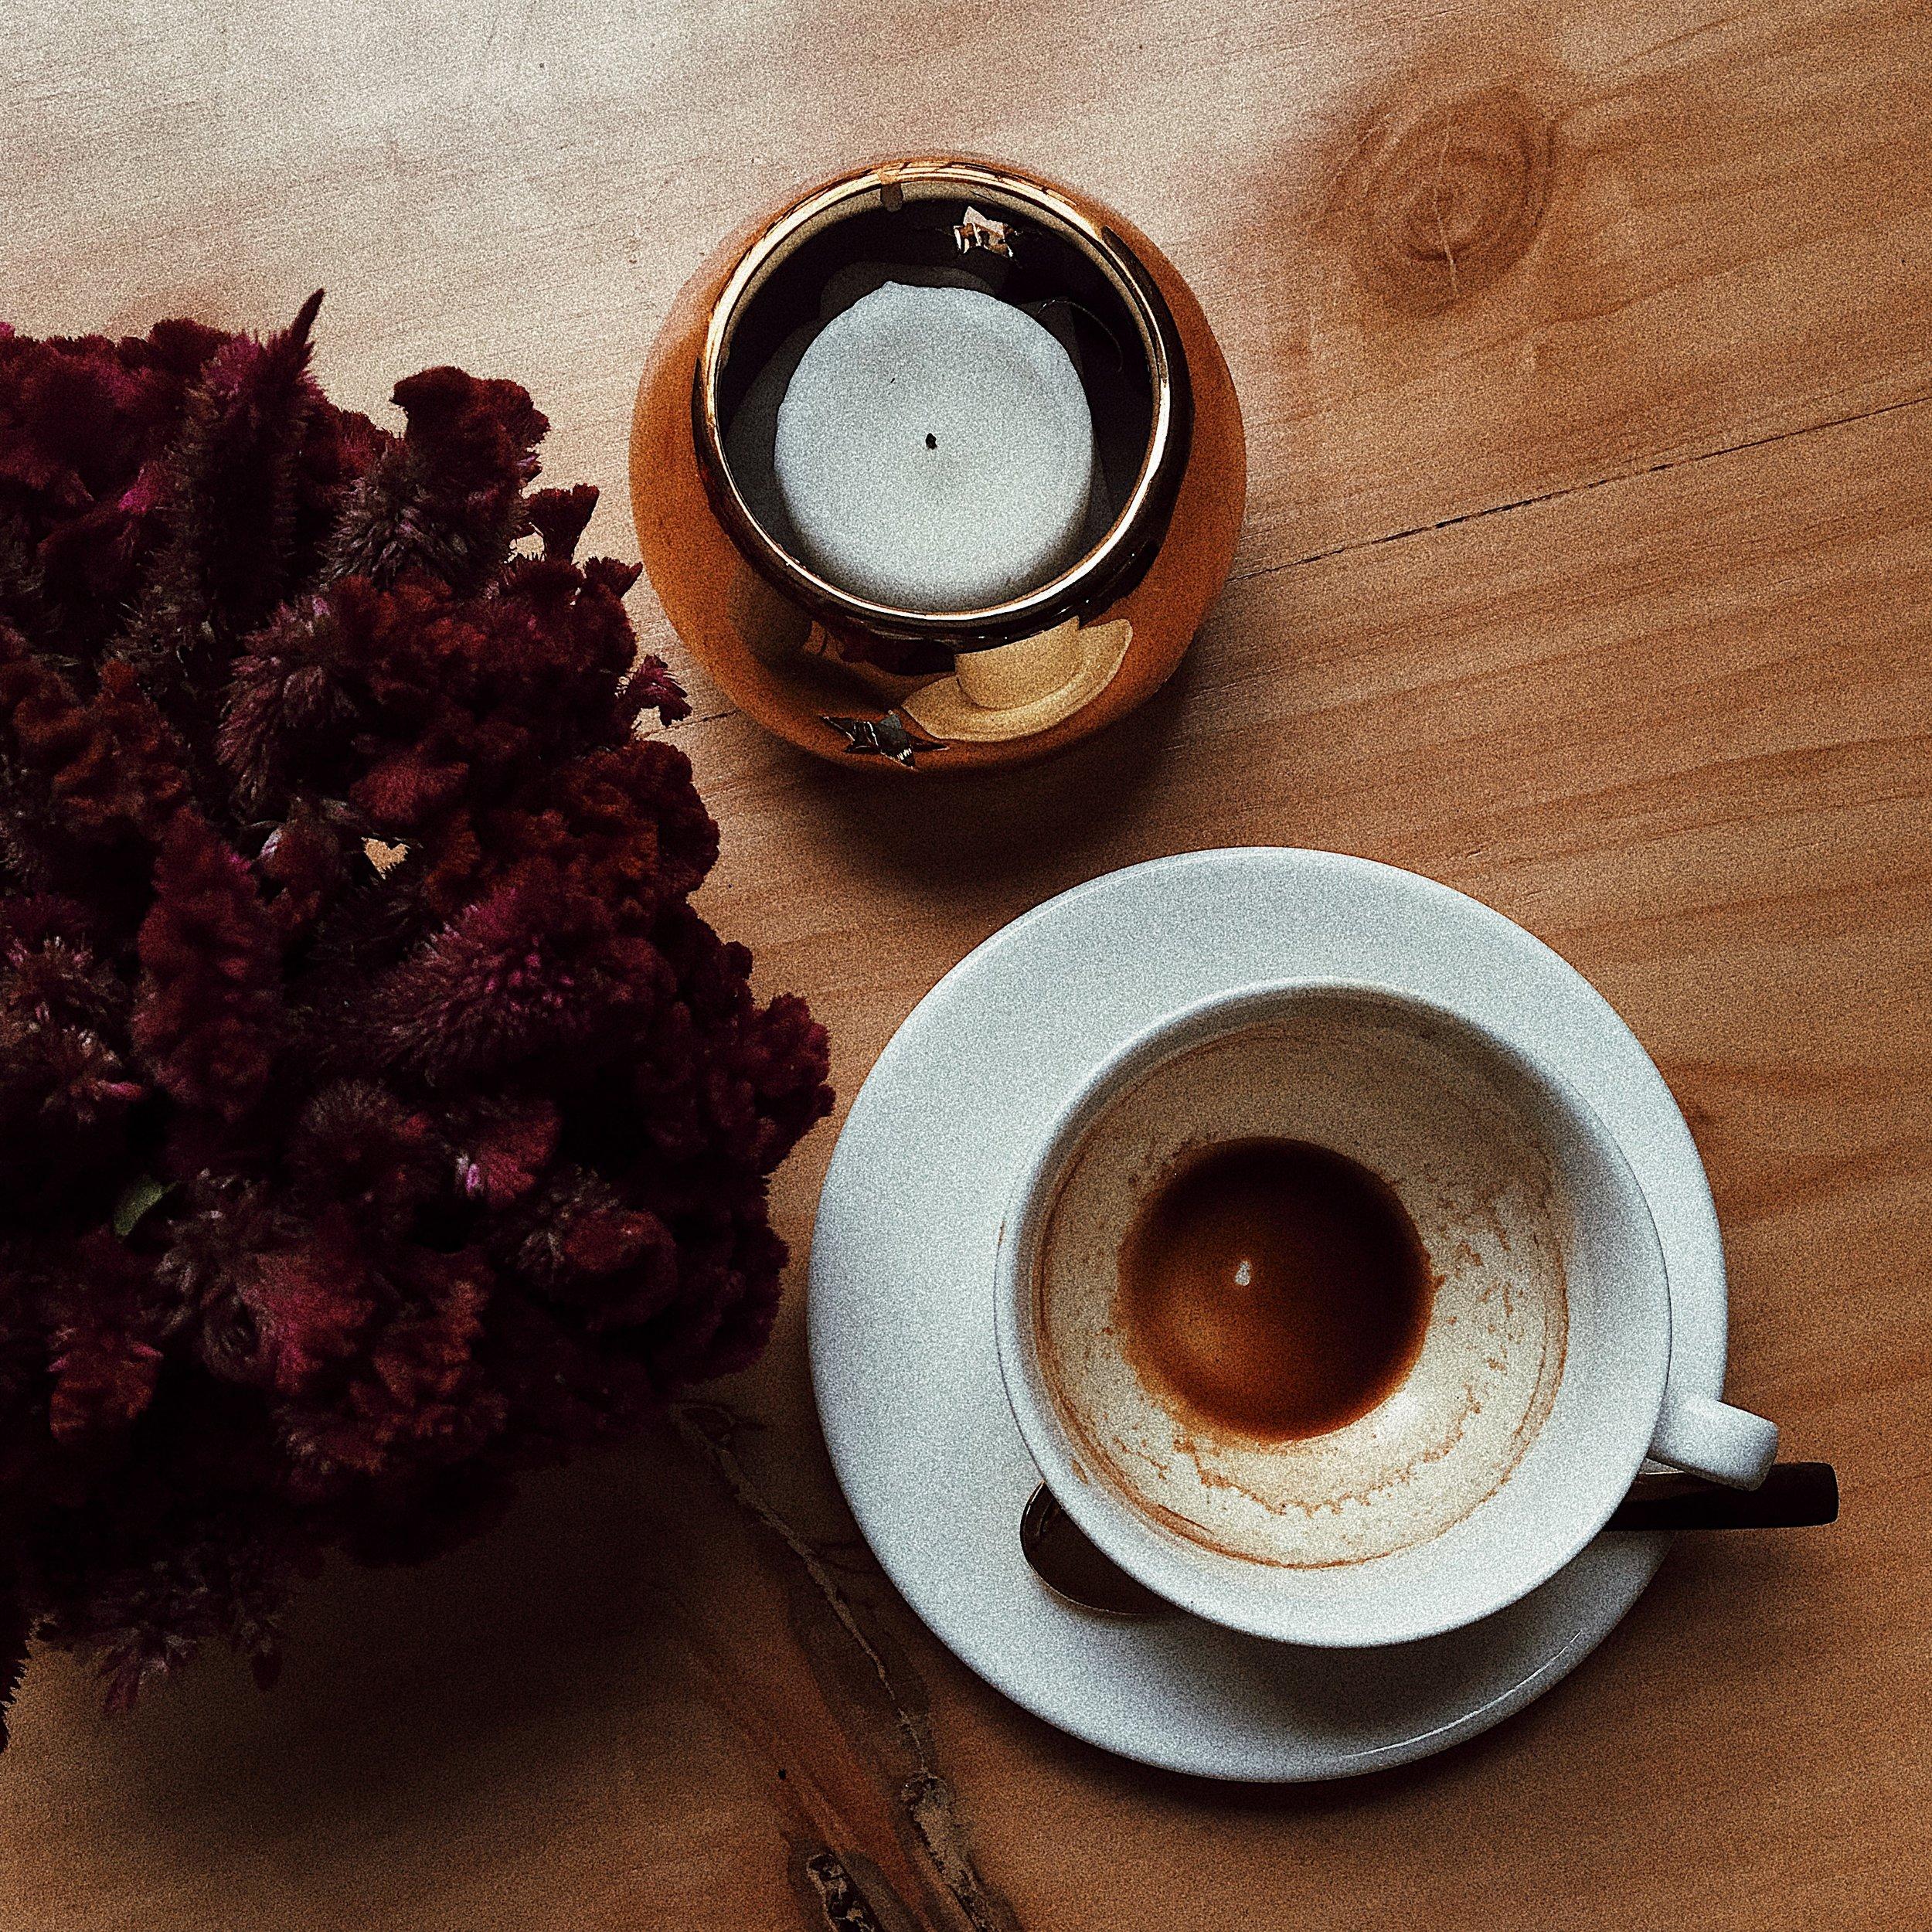 Double espresso inside of the new Artista de Cafe.